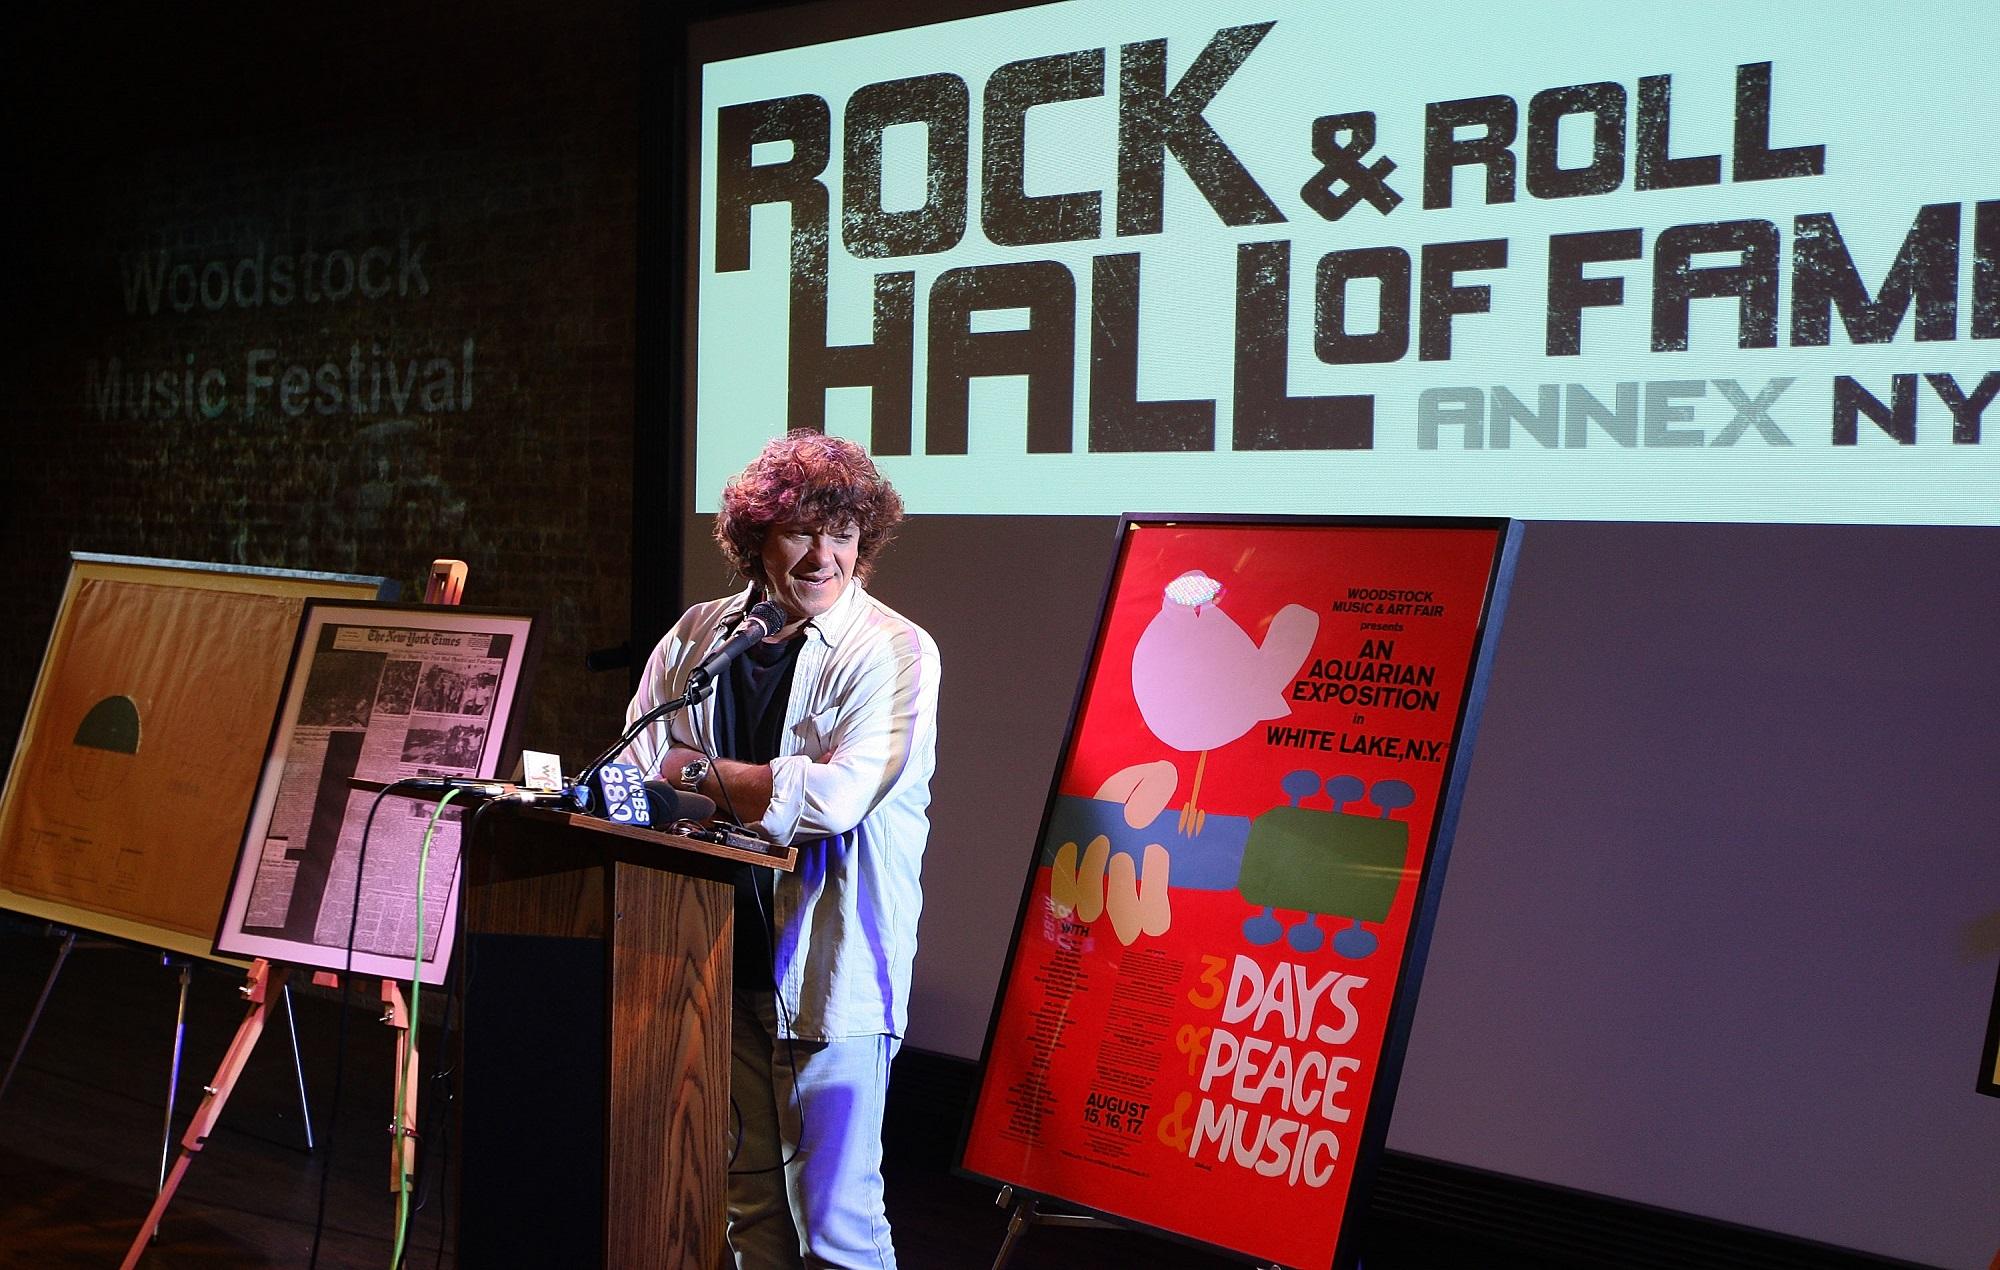 Woodstock Music Festival organiser Michael Lang